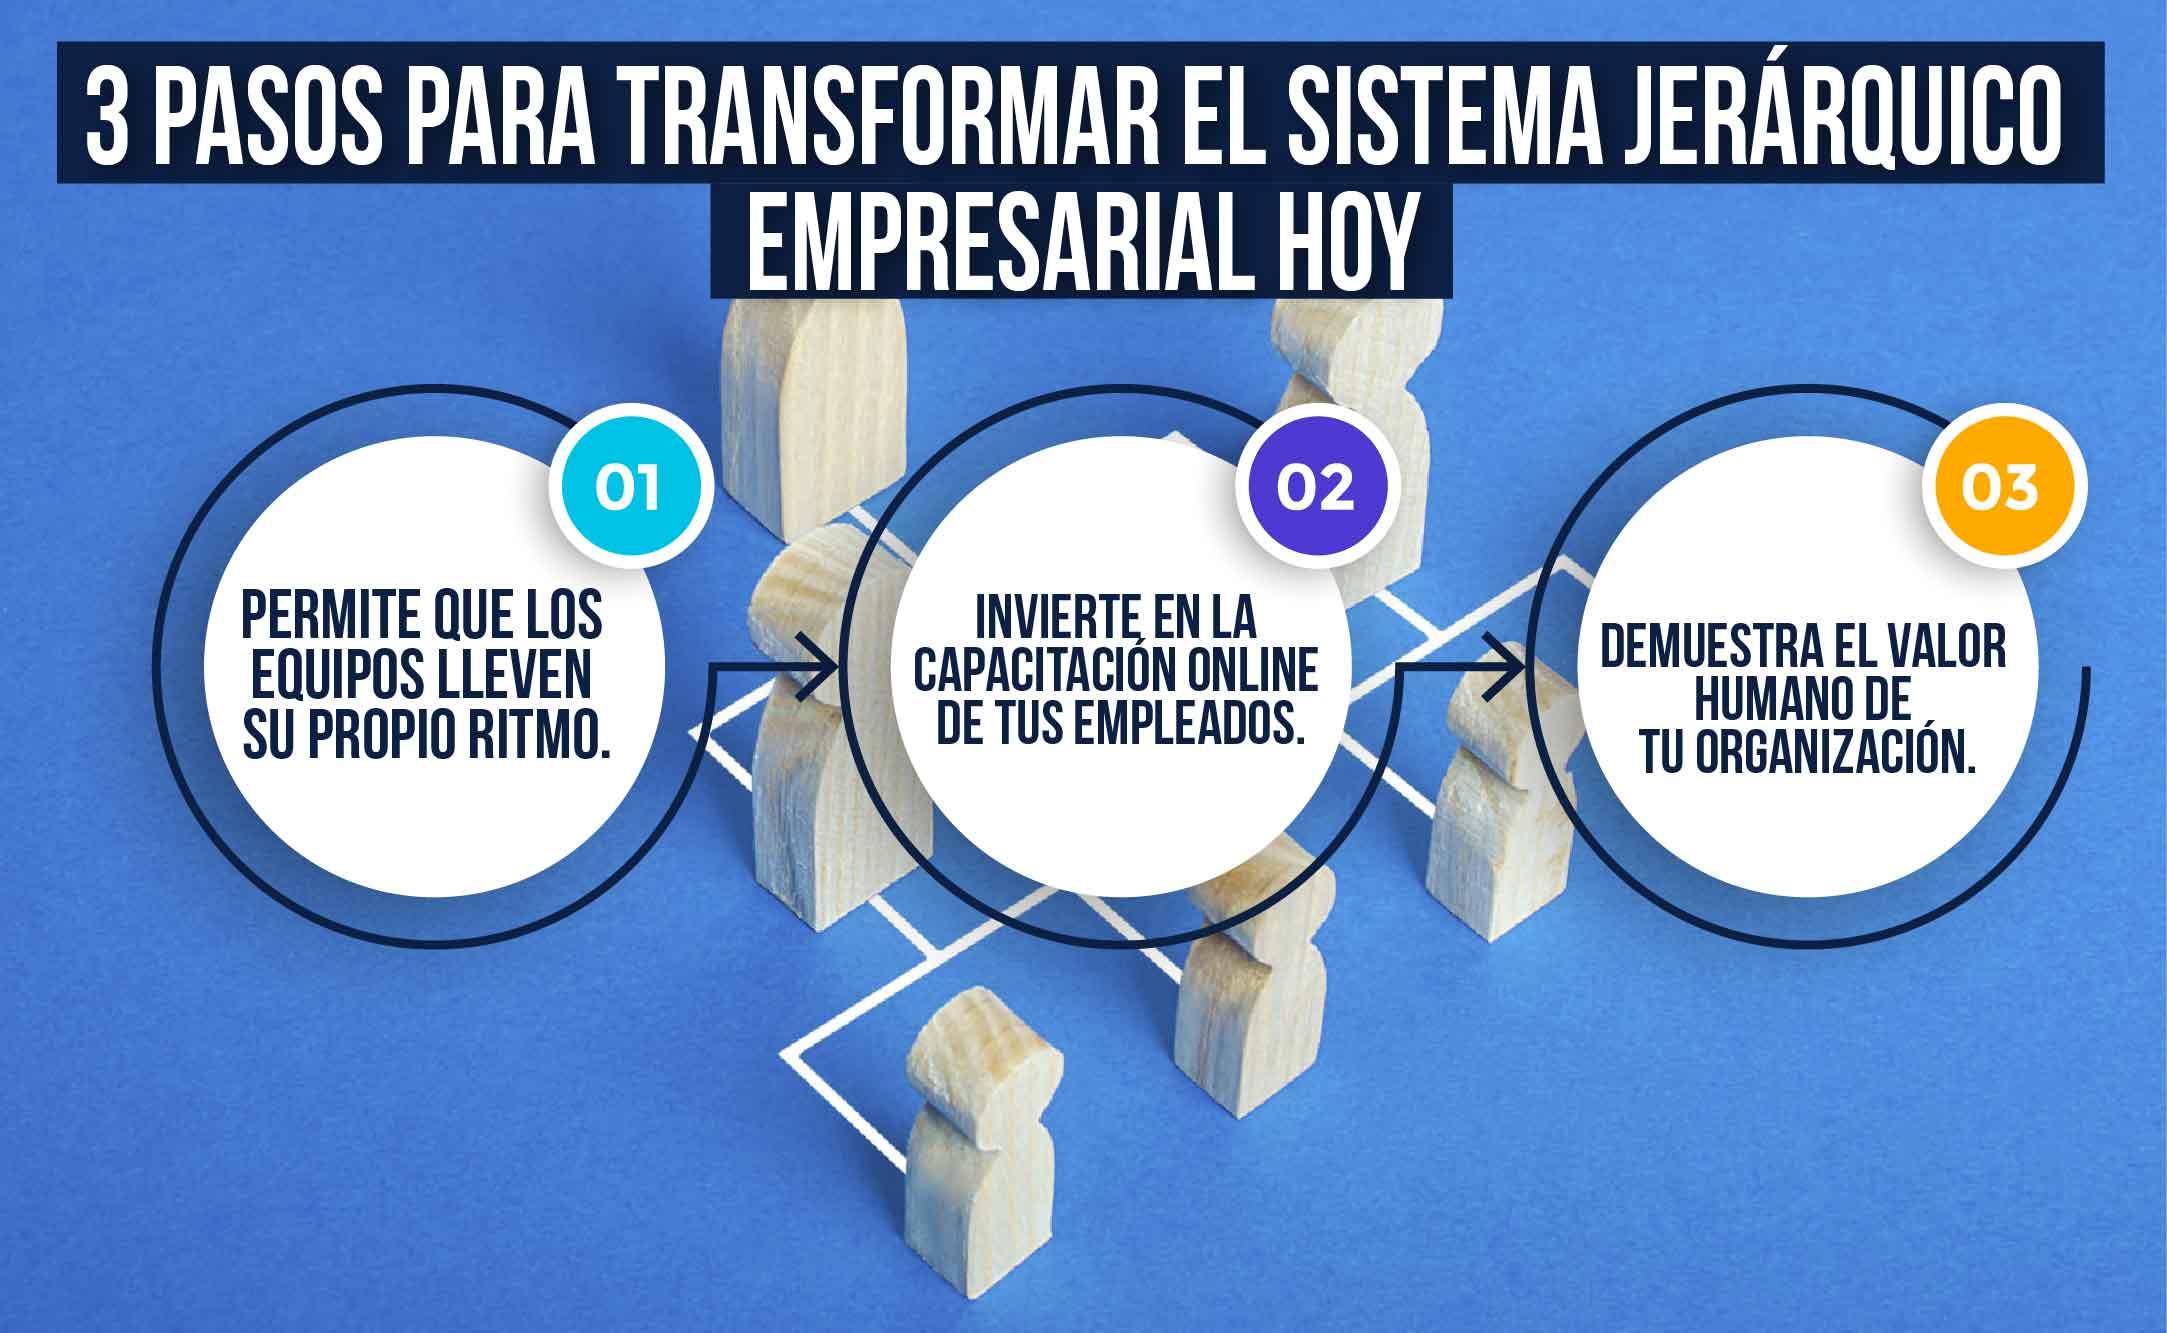 Cómo transformar el sistema jerárquico empresarial actual